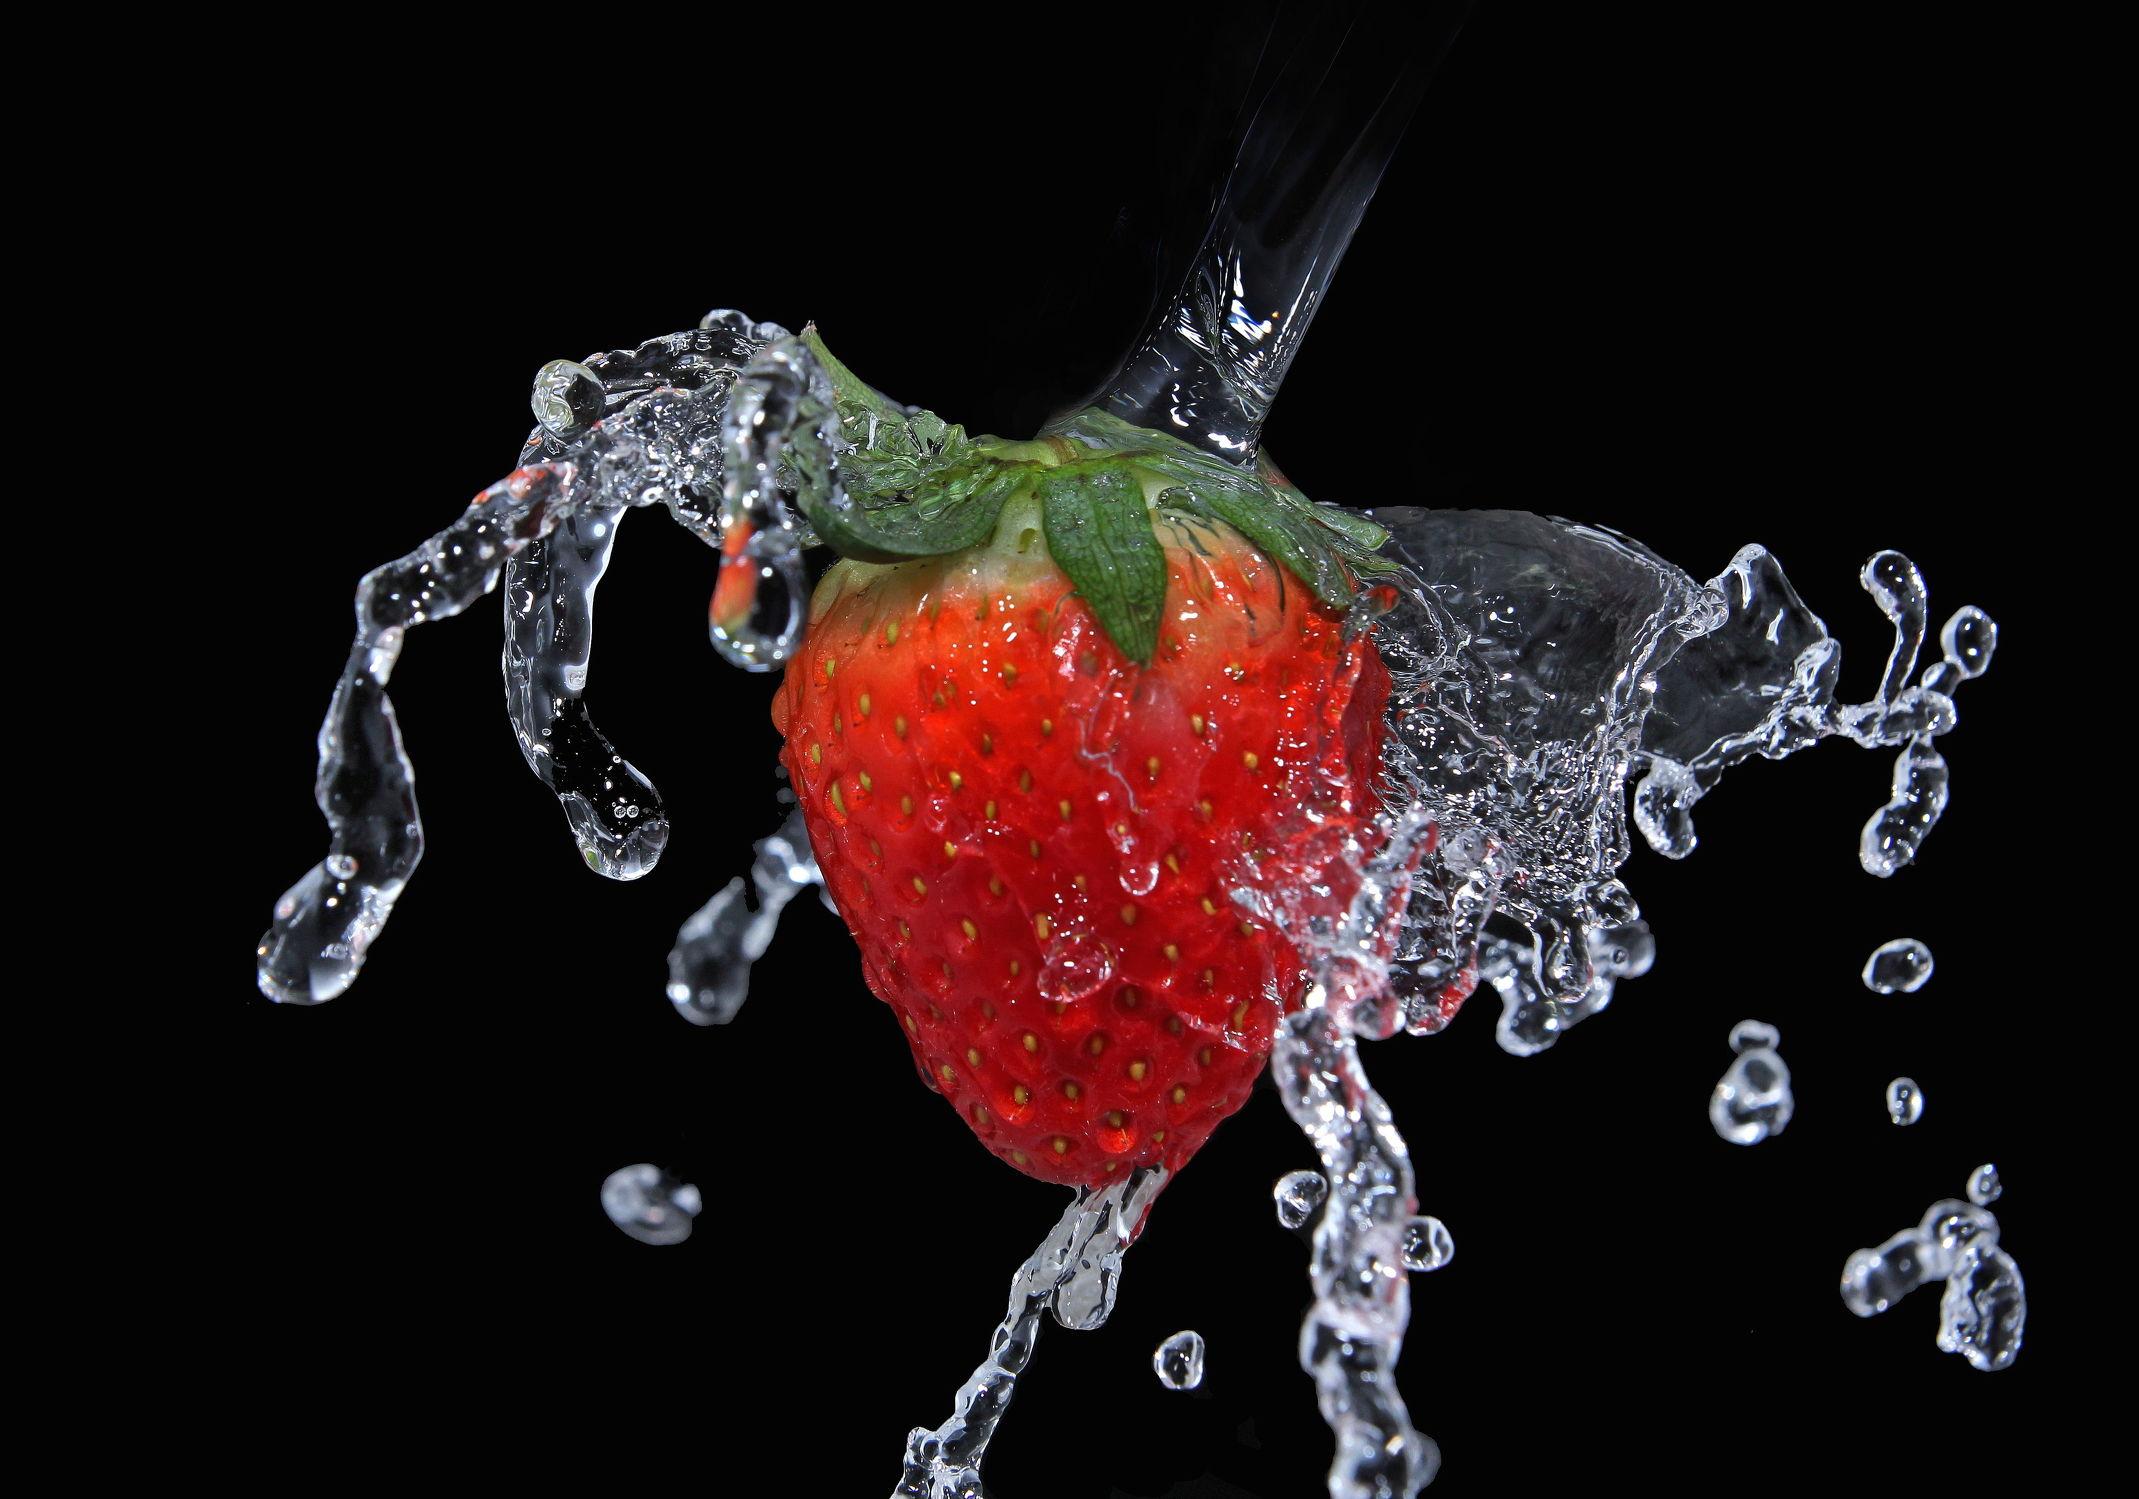 Bild mit Wasser, Früchte, Frucht, Obst, Erdbeere, Erdbeeren, Küchenbild, Nahrung, Wassertropfen, Küchenbilder, Ernährung, Küche